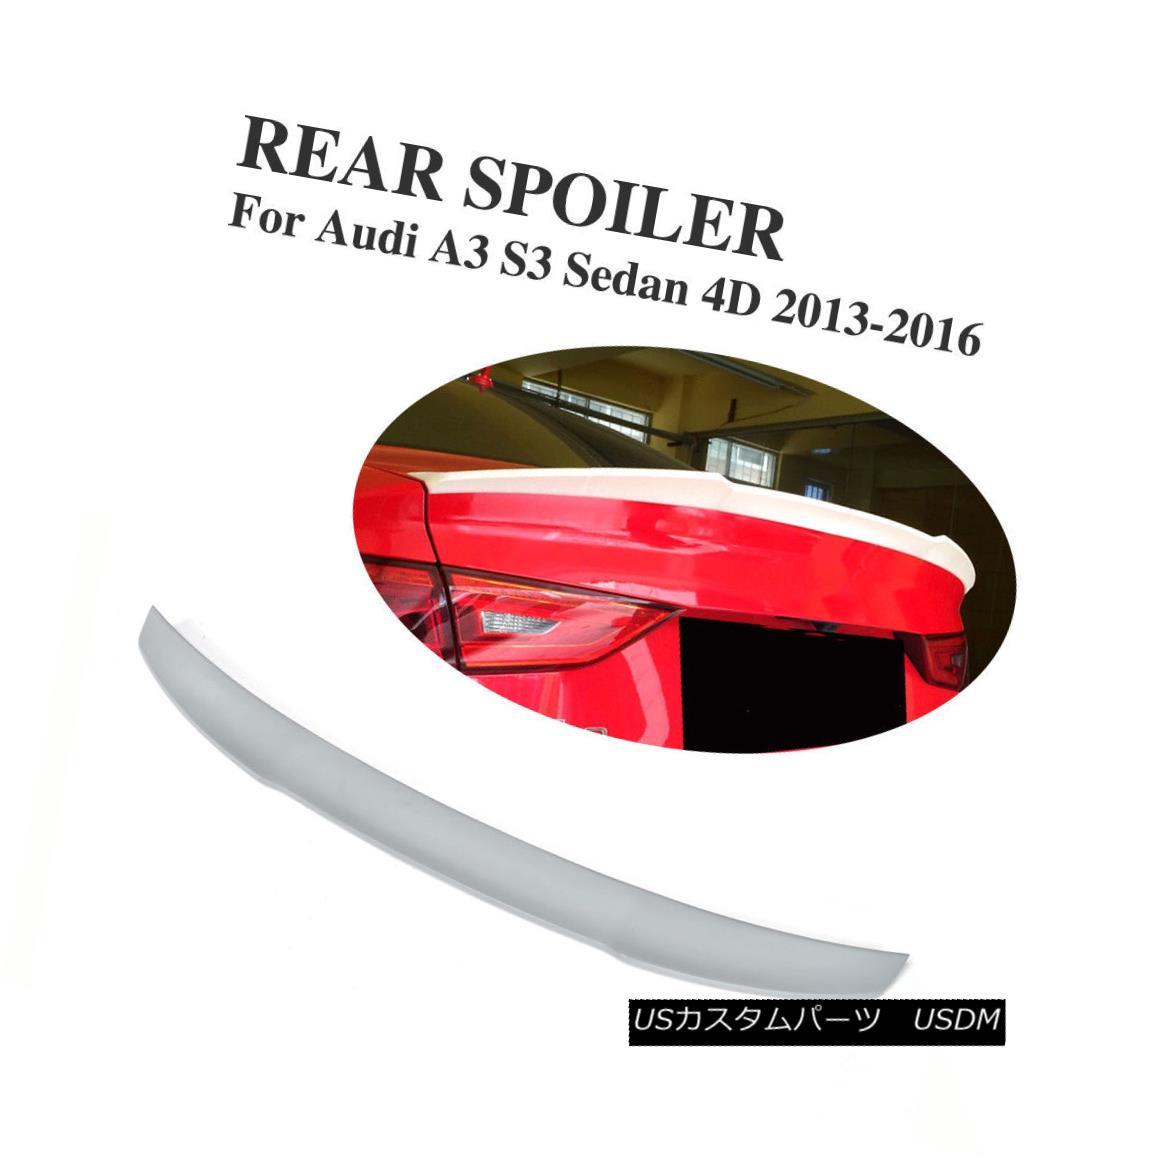 エアロパーツ FRP Rear Trunk Spoiler Wing Lips Fit for Audi A3 S3 4D 2013-2016 Unpainted FRP FRPリアトランク・スポイラーウイング・リップ・フィット・アウディA3 S3 4D 2013-2016未塗装FRP